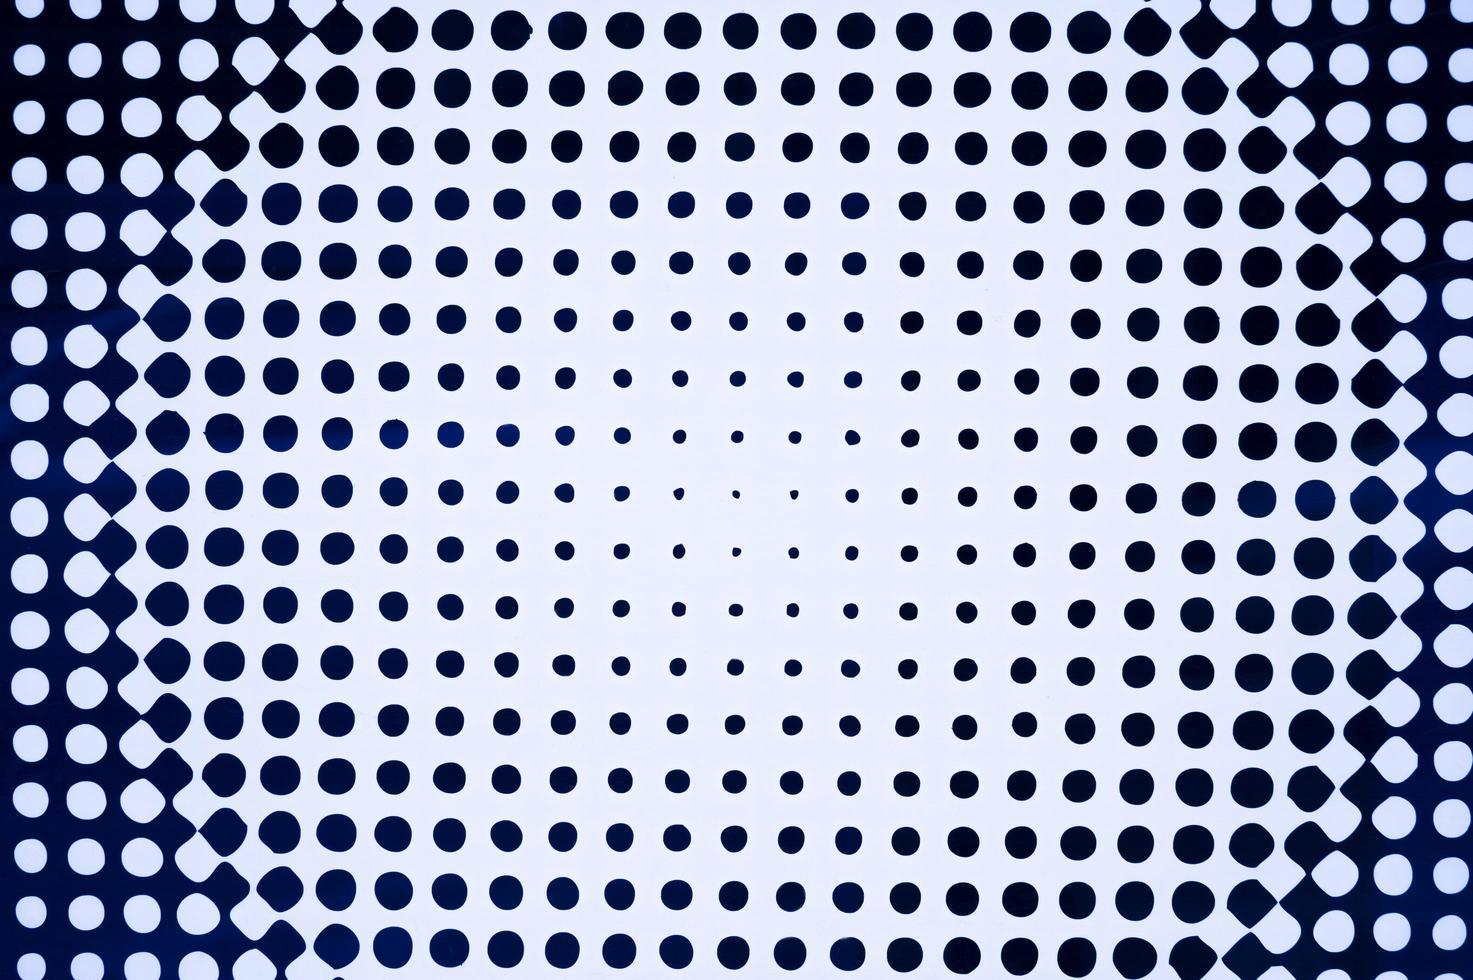 a textura de um fundo branco com círculos pretos de diferentes tamanhos foto